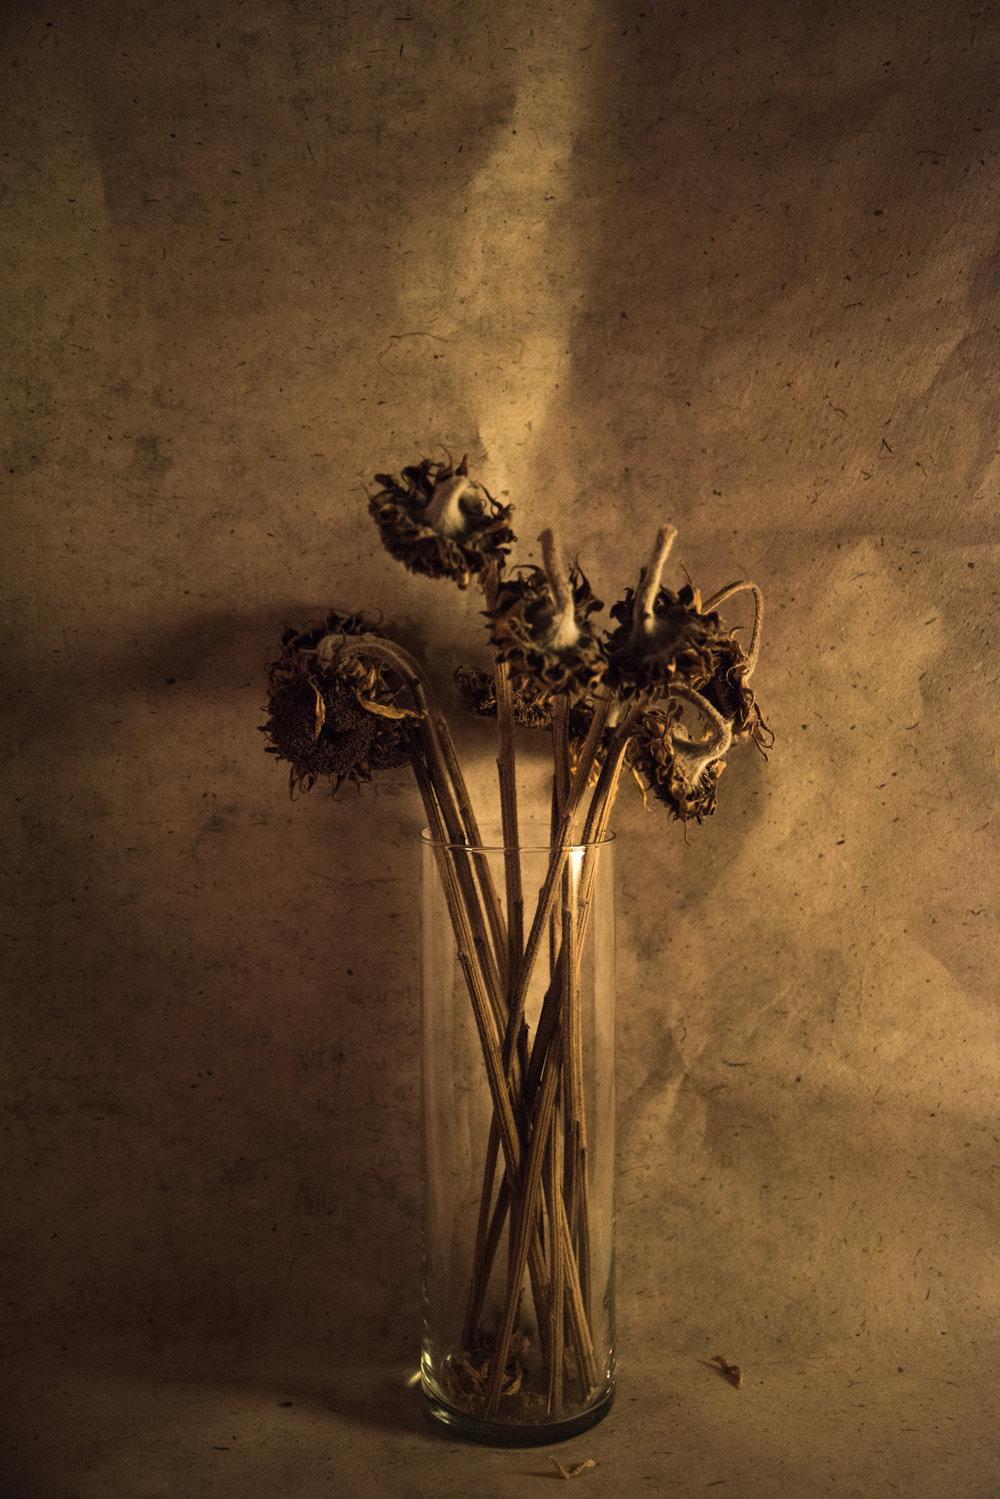 Nadide_Goksun_Sunflowers.jpg